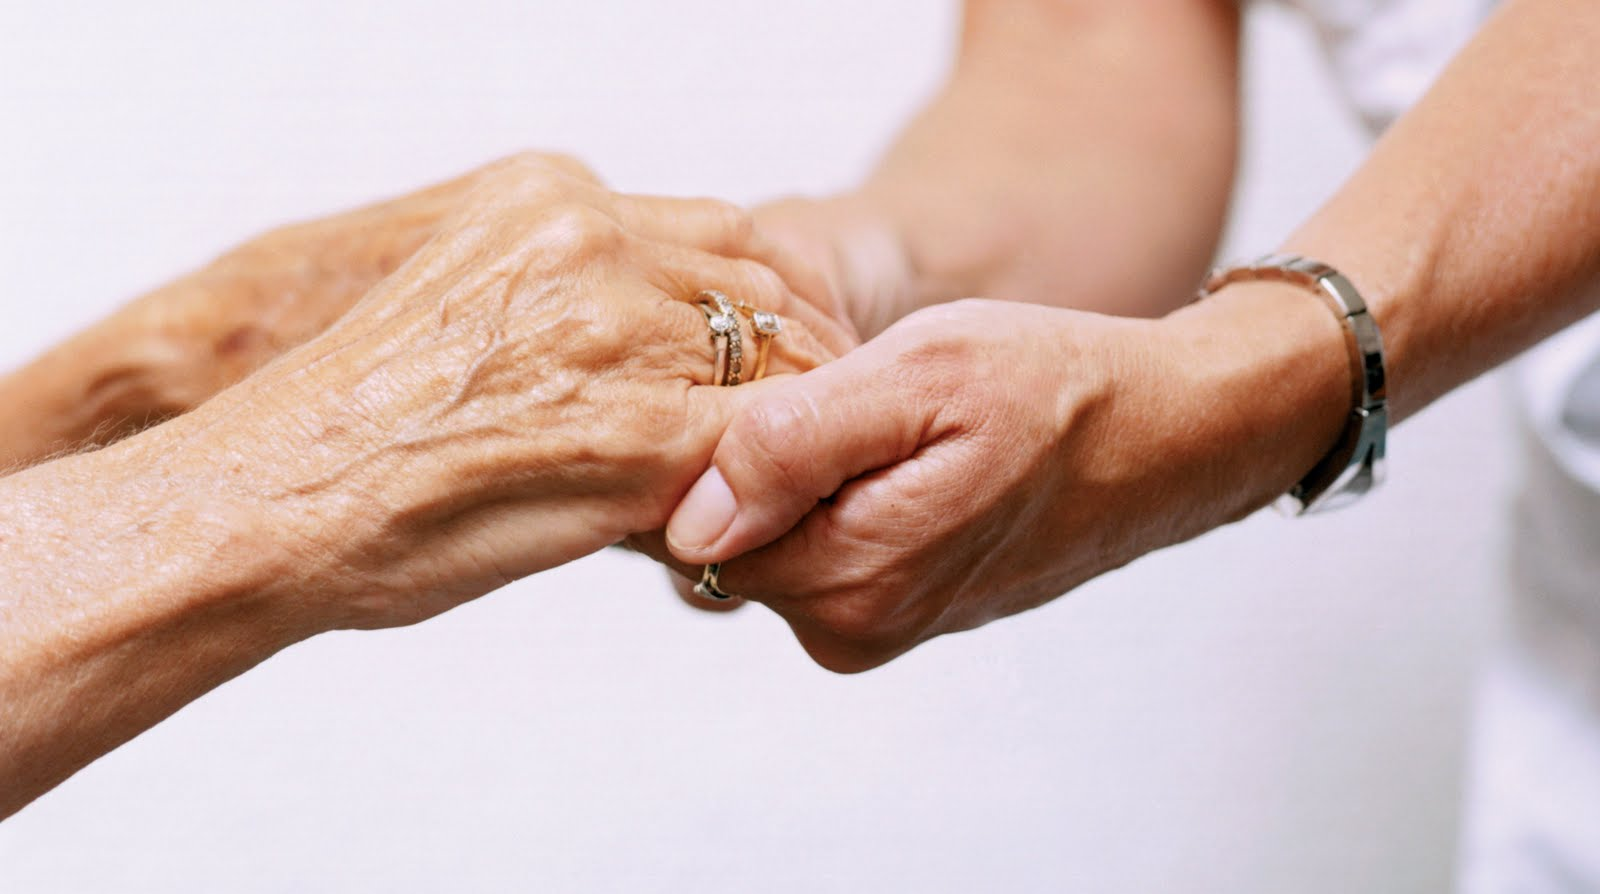 Facilități ale căminului de bătrâni Krumba. 5 beneficii pentru o bătrânețe mai ușoară